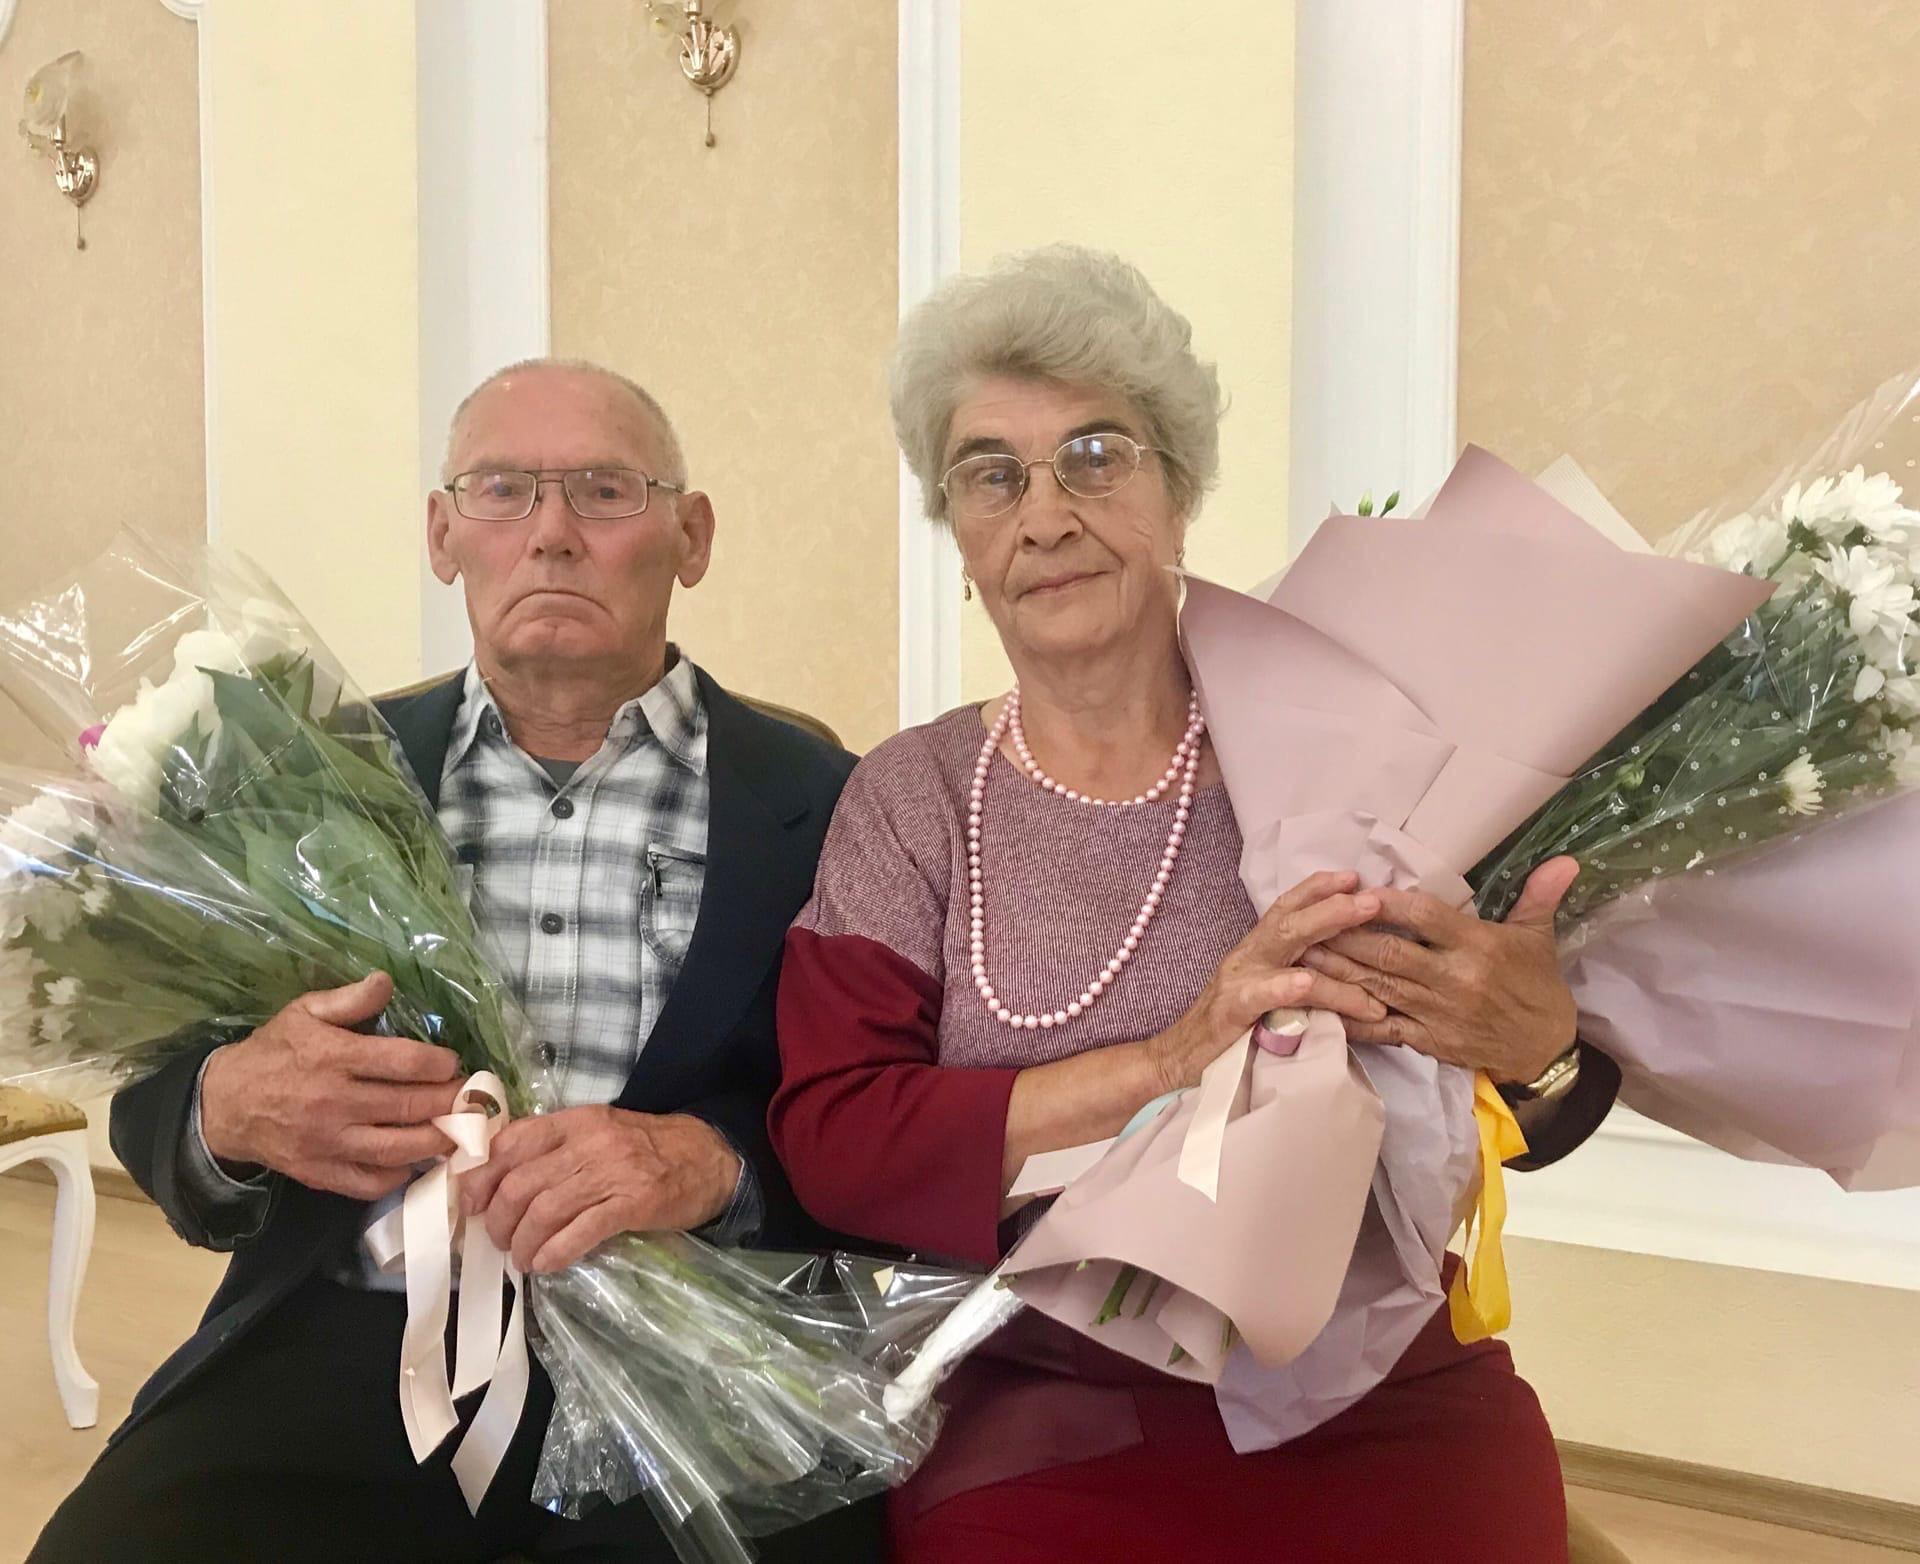 Супруги Яковлевы из Можги отметили сегодня золотой